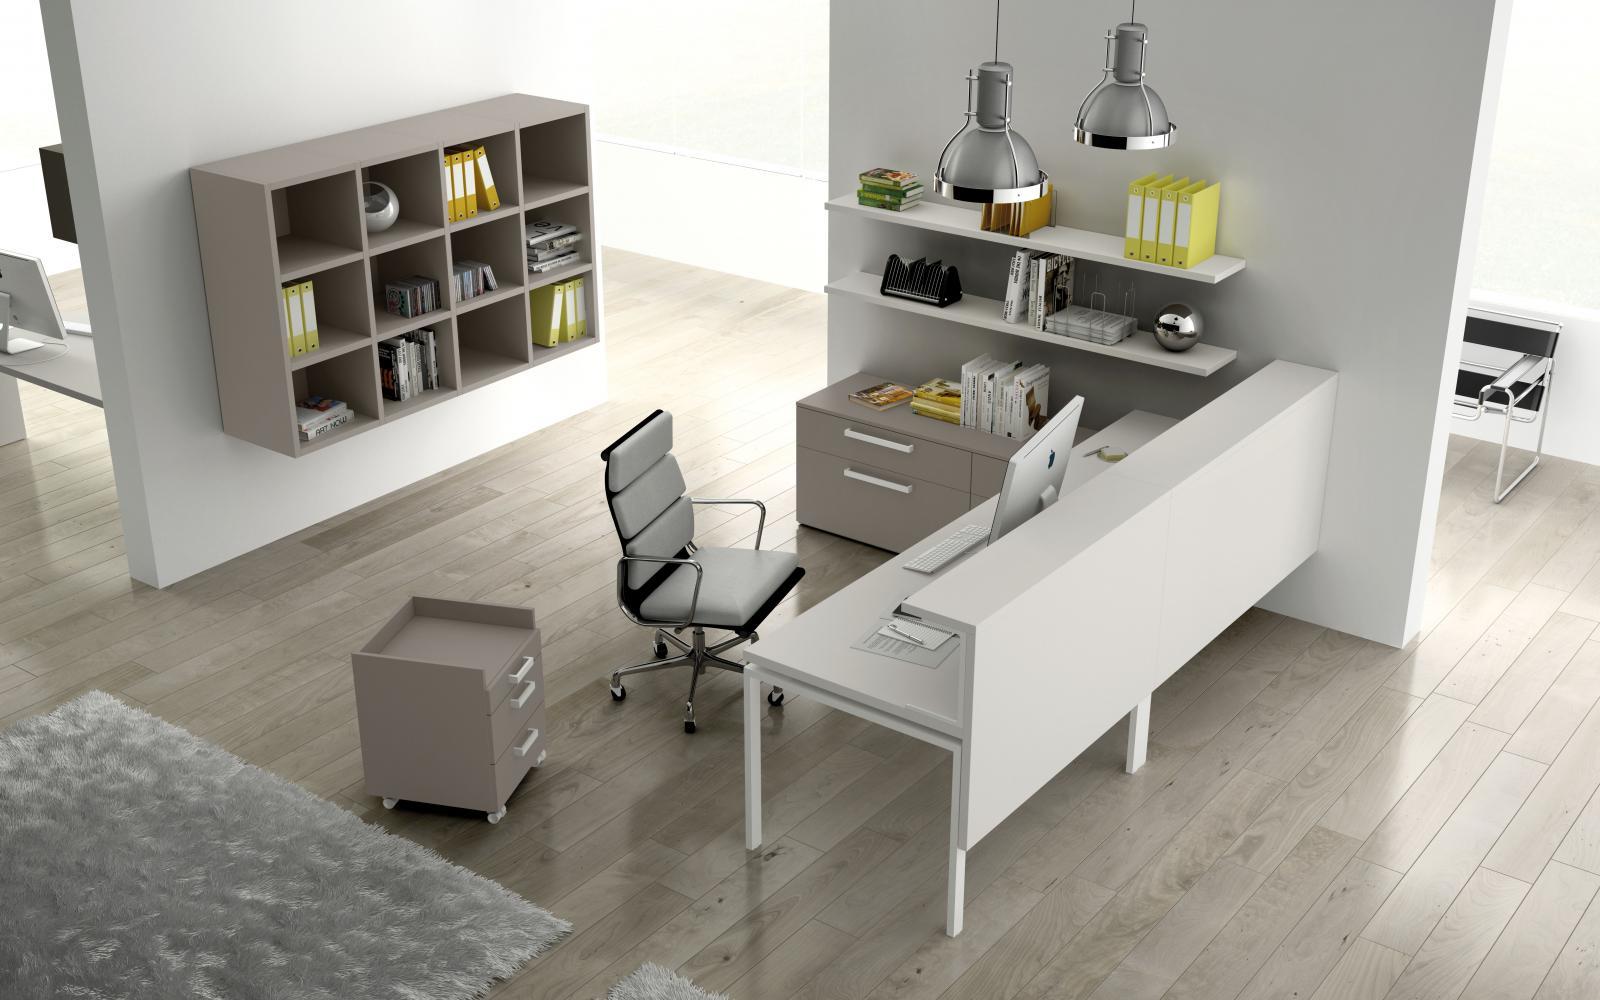 Sistemi d arredo per ufficio real time casa for Armonie d arredo